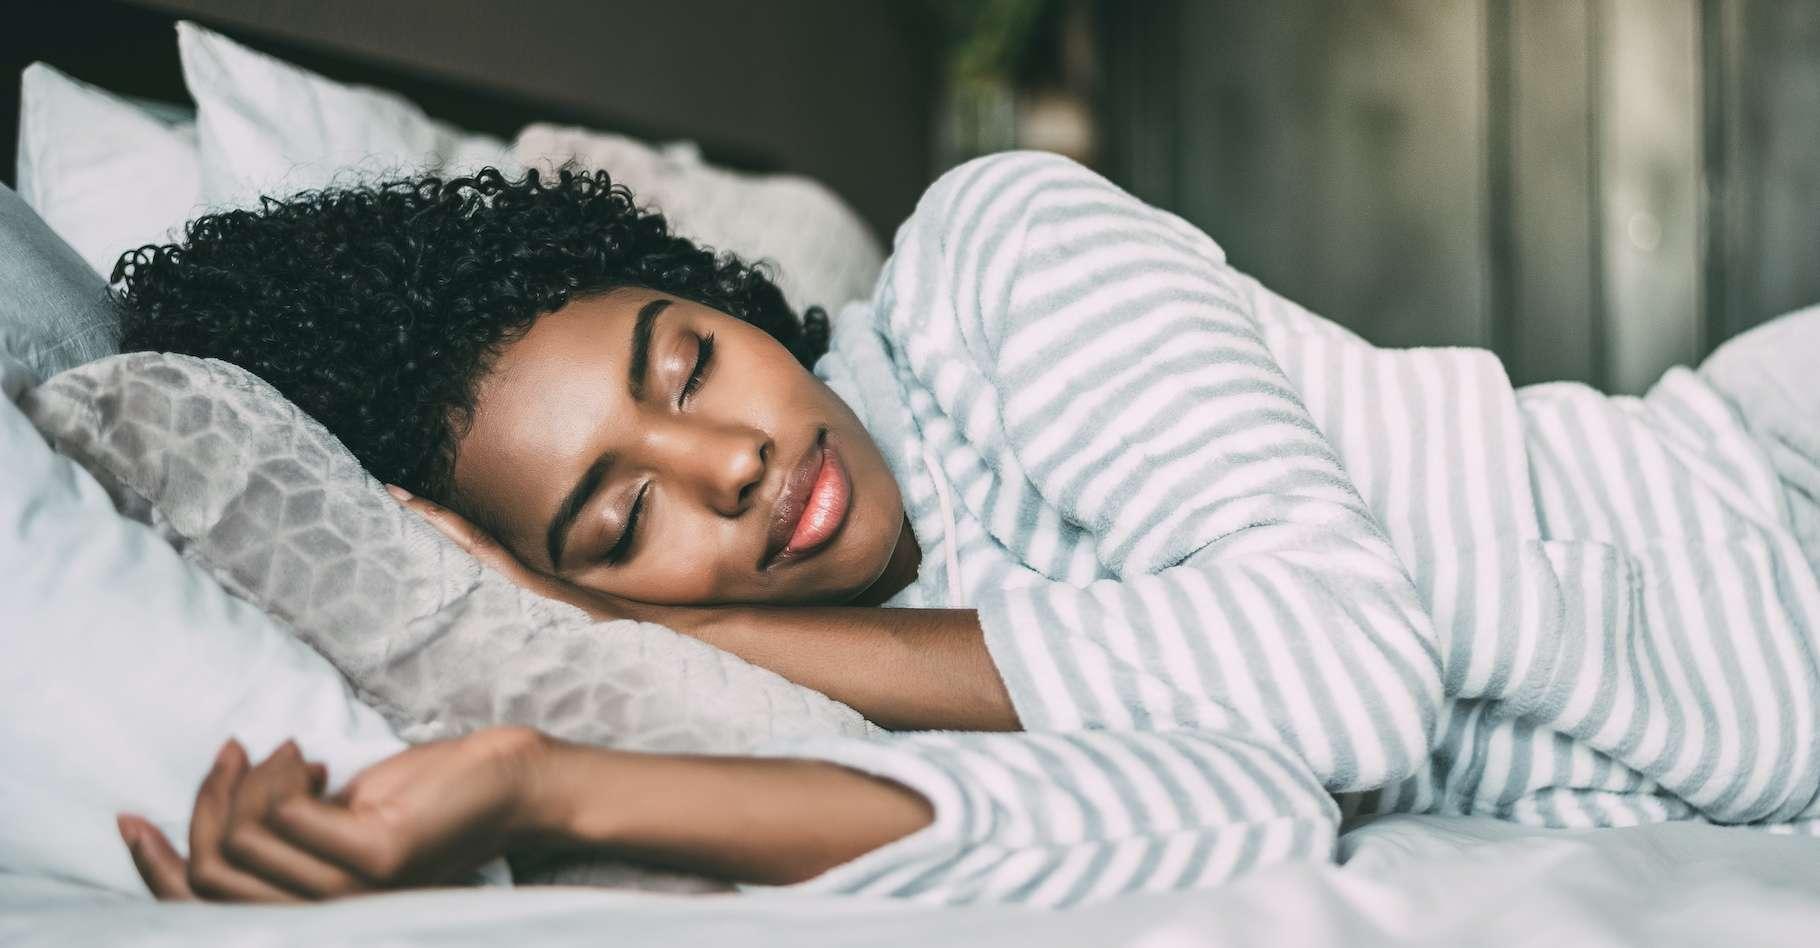 Pour calmer notre anxiété, rien de tel qu'une bonne nuit de sommeil, ponctuée de longues phases de sommeil profond, affirment des chercheurs de l'université de Californie (États-Unis). © DavidPrado, Adobe Stock